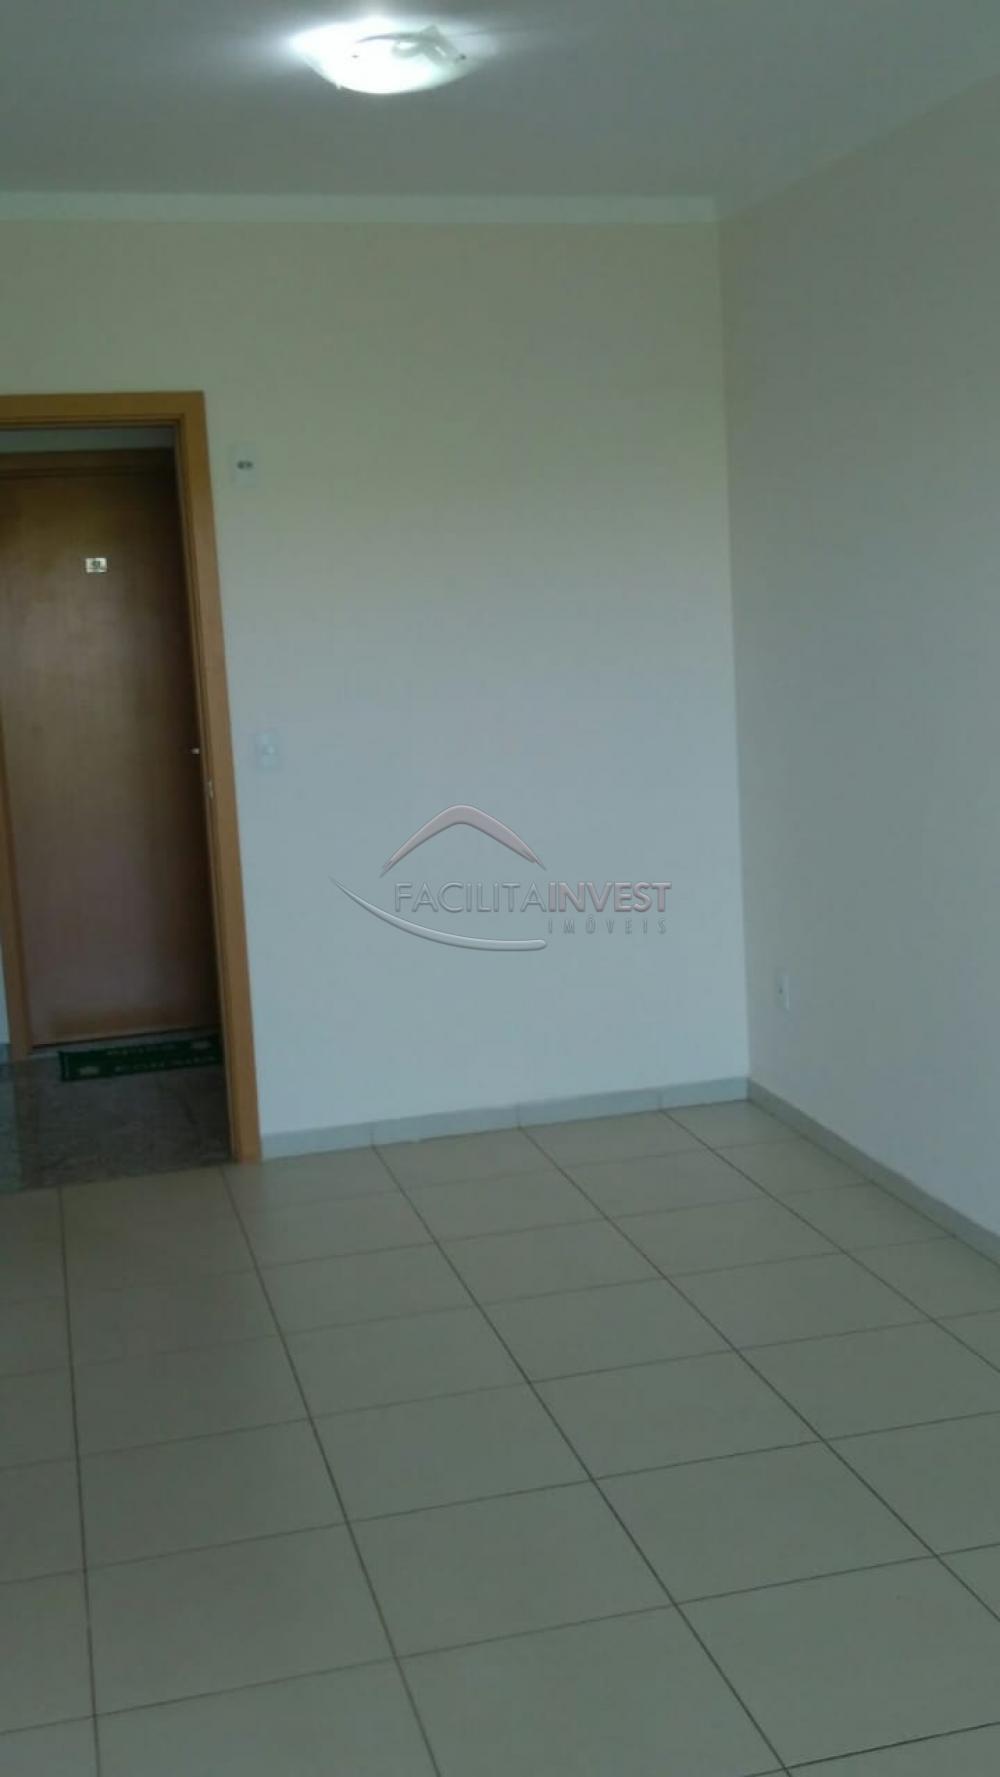 Comprar Lançamentos/ Empreendimentos em Construç / Apartamento padrão - Lançamento em Ribeirão Preto apenas R$ 216.000,00 - Foto 11